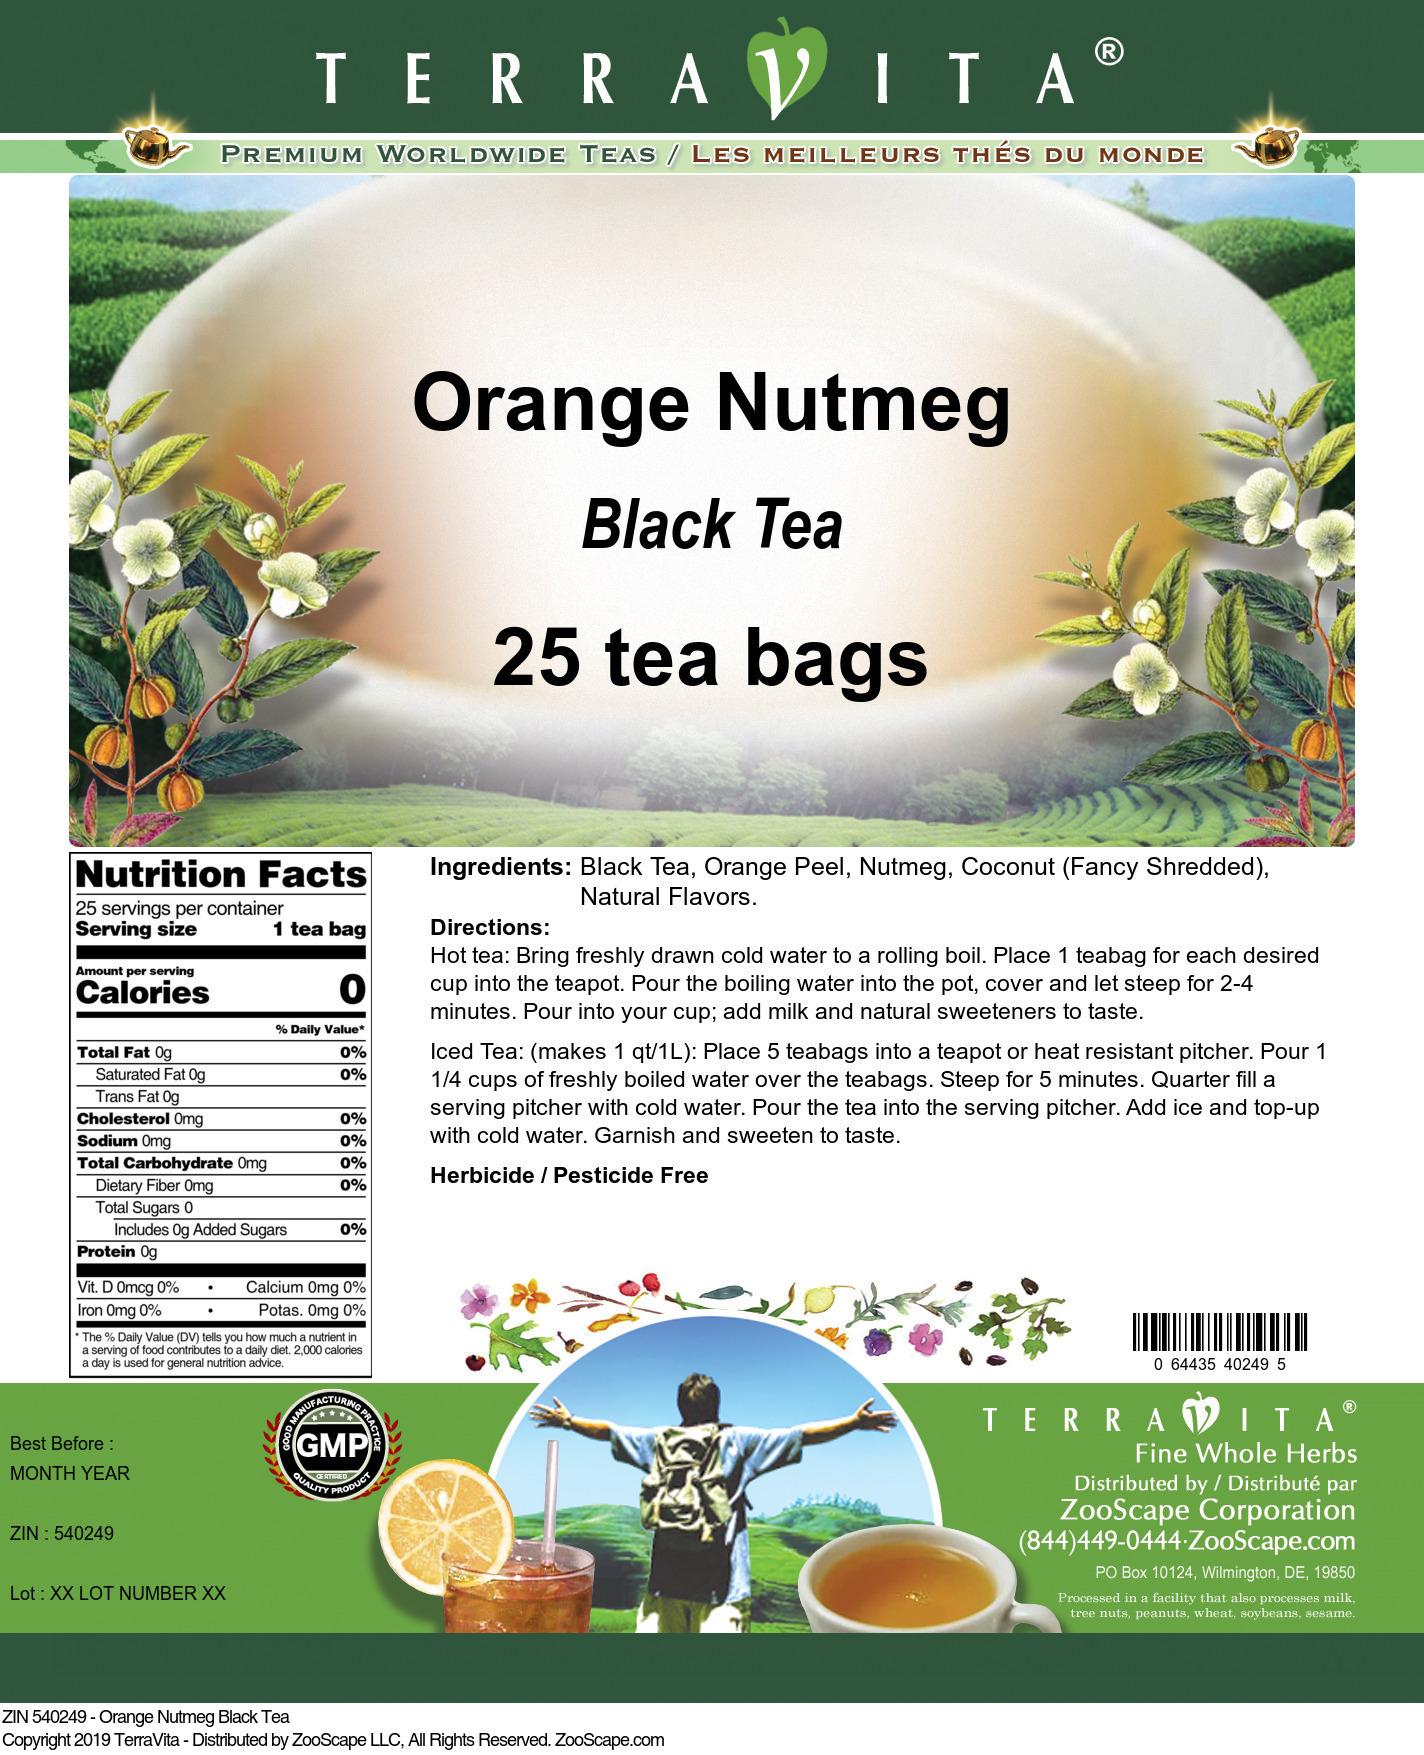 Orange Nutmeg Black Tea